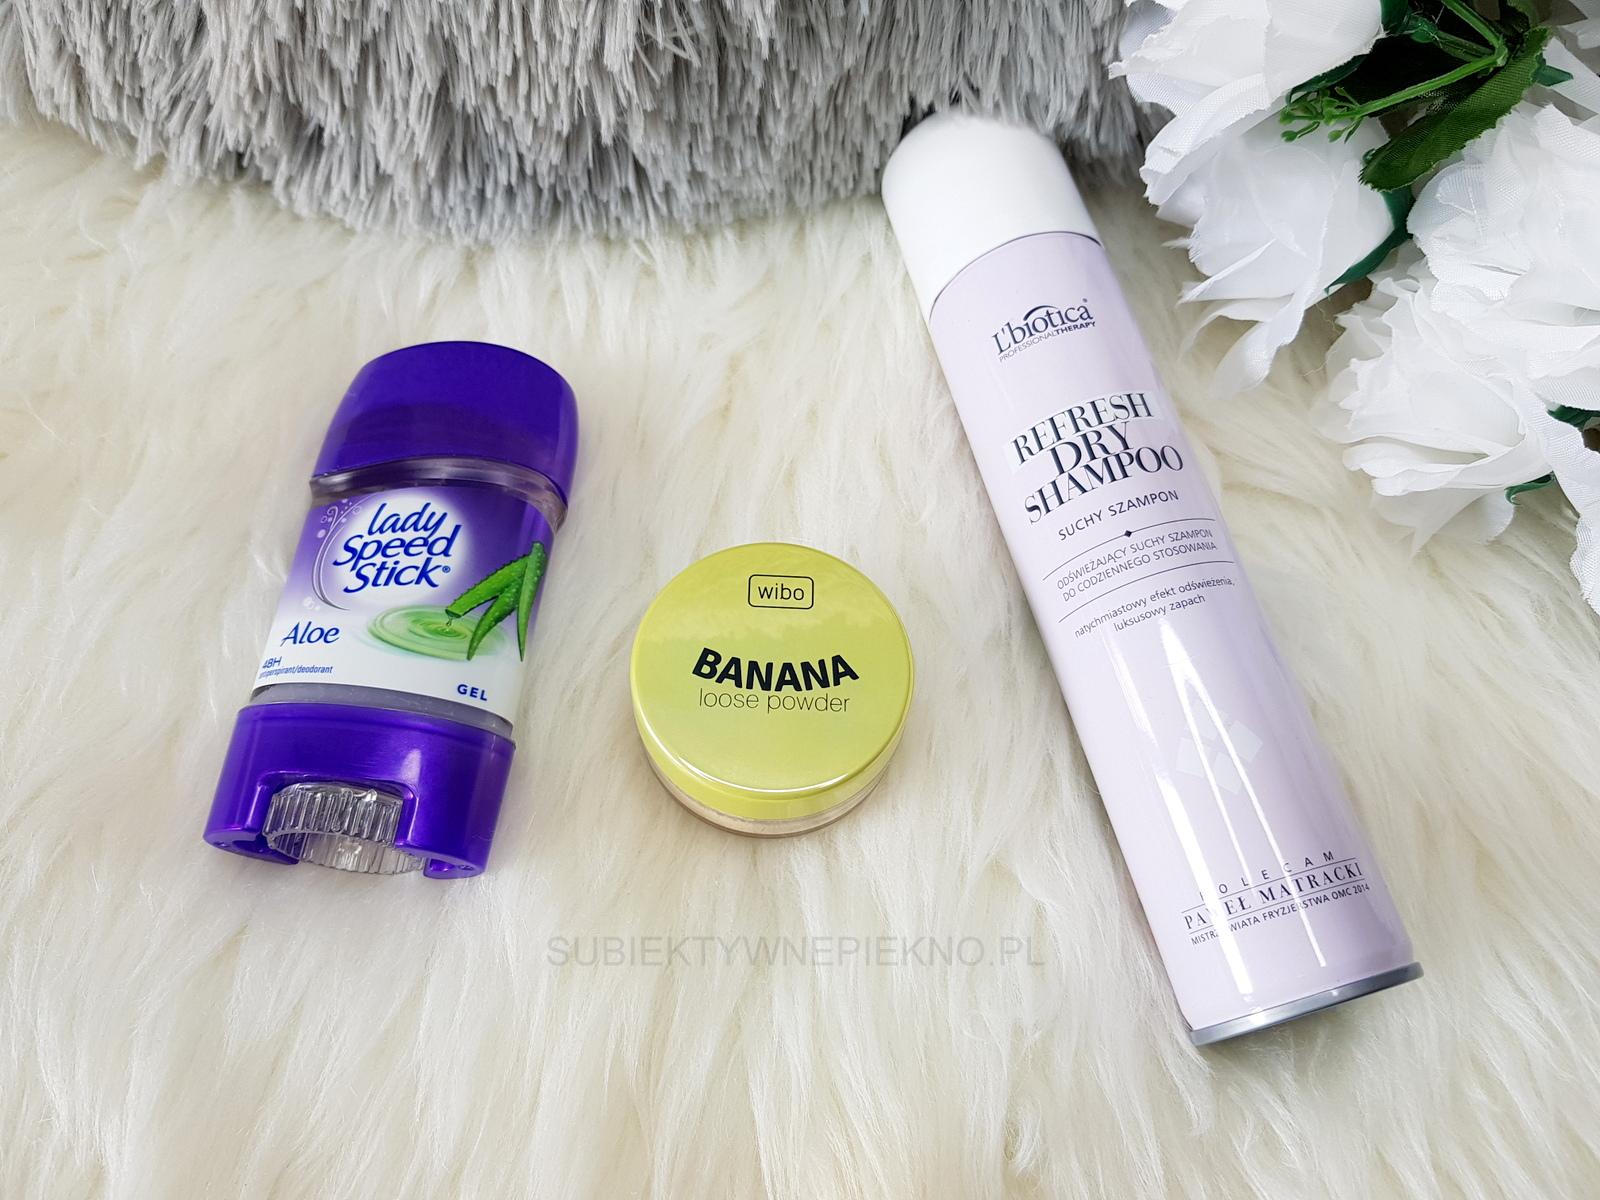 Nowości luty 2018 - Lady Speed Stick, puder bananowy Wibo, suchy szampon L'Biotica